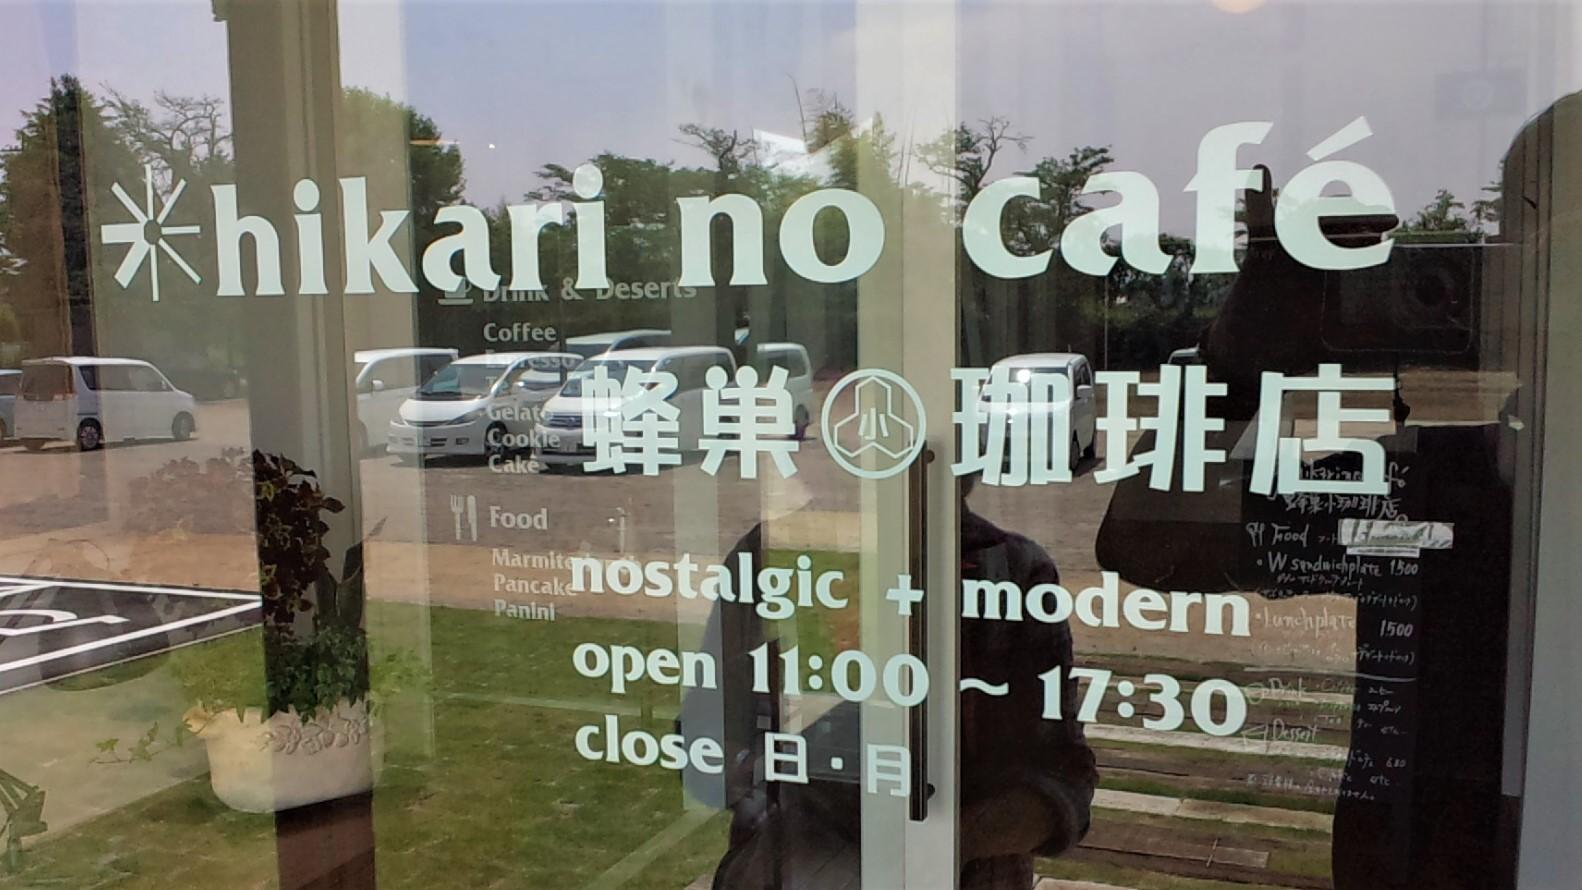 ヒカリノカフェ蜂須小珈琲店のサイン